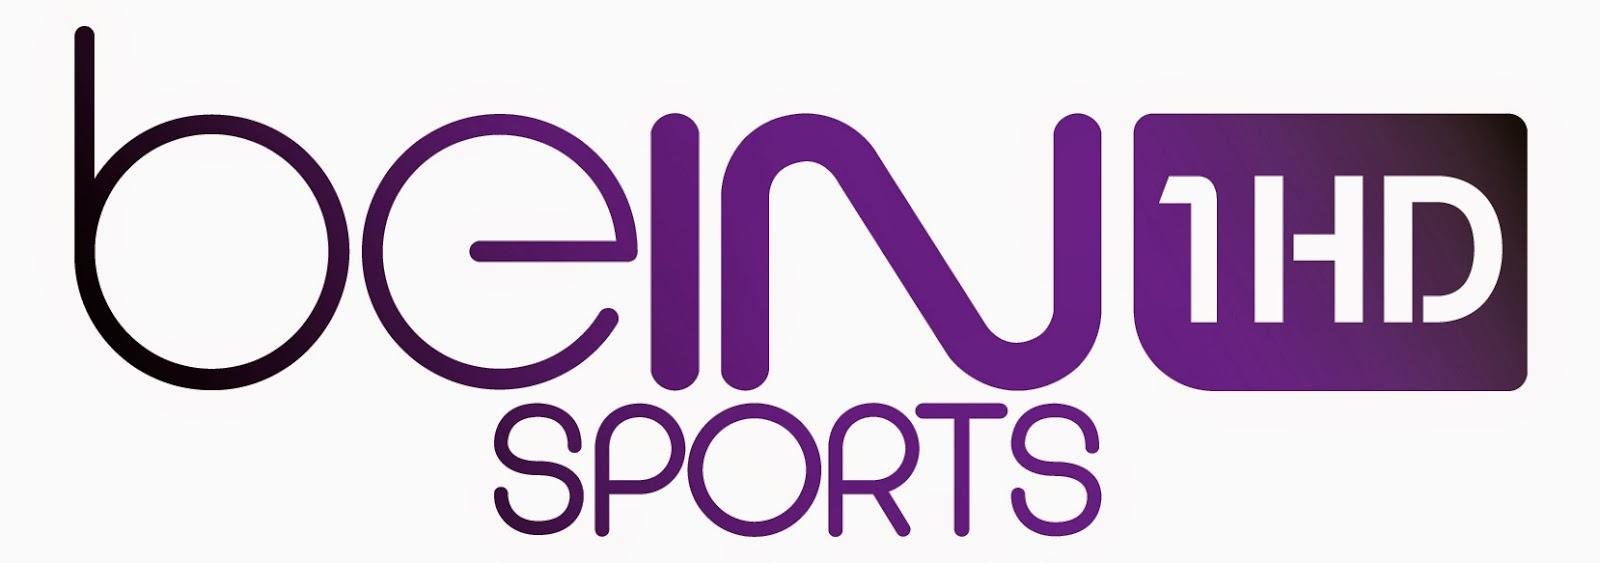 logo-bein-sports-1-hd_6tt6szp2b0ag1dscy6cxln08t